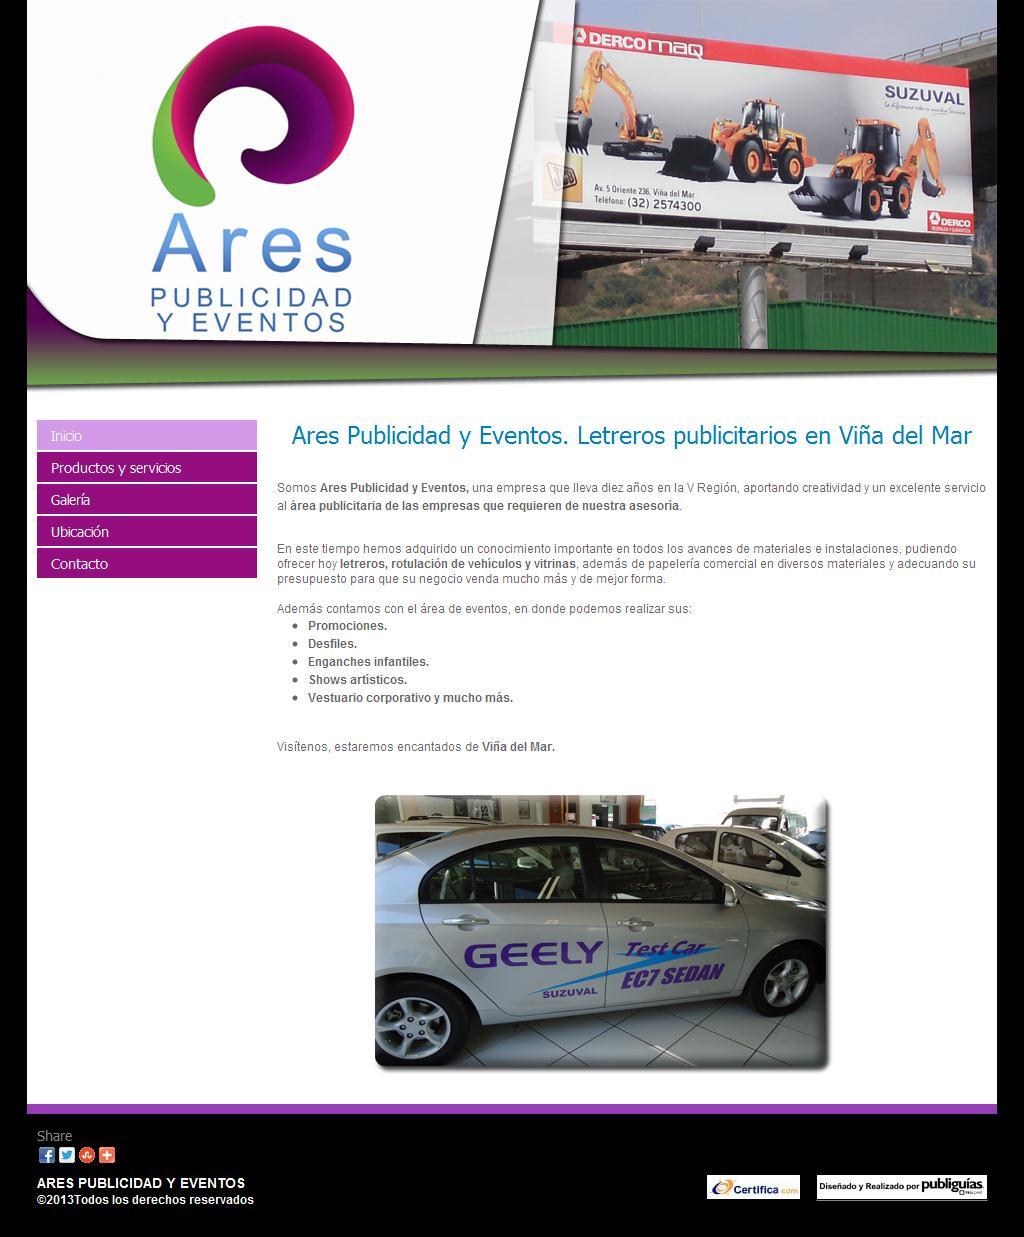 Ares Publicidad y Eventos. Letreros publicitarios en Viña del Mar